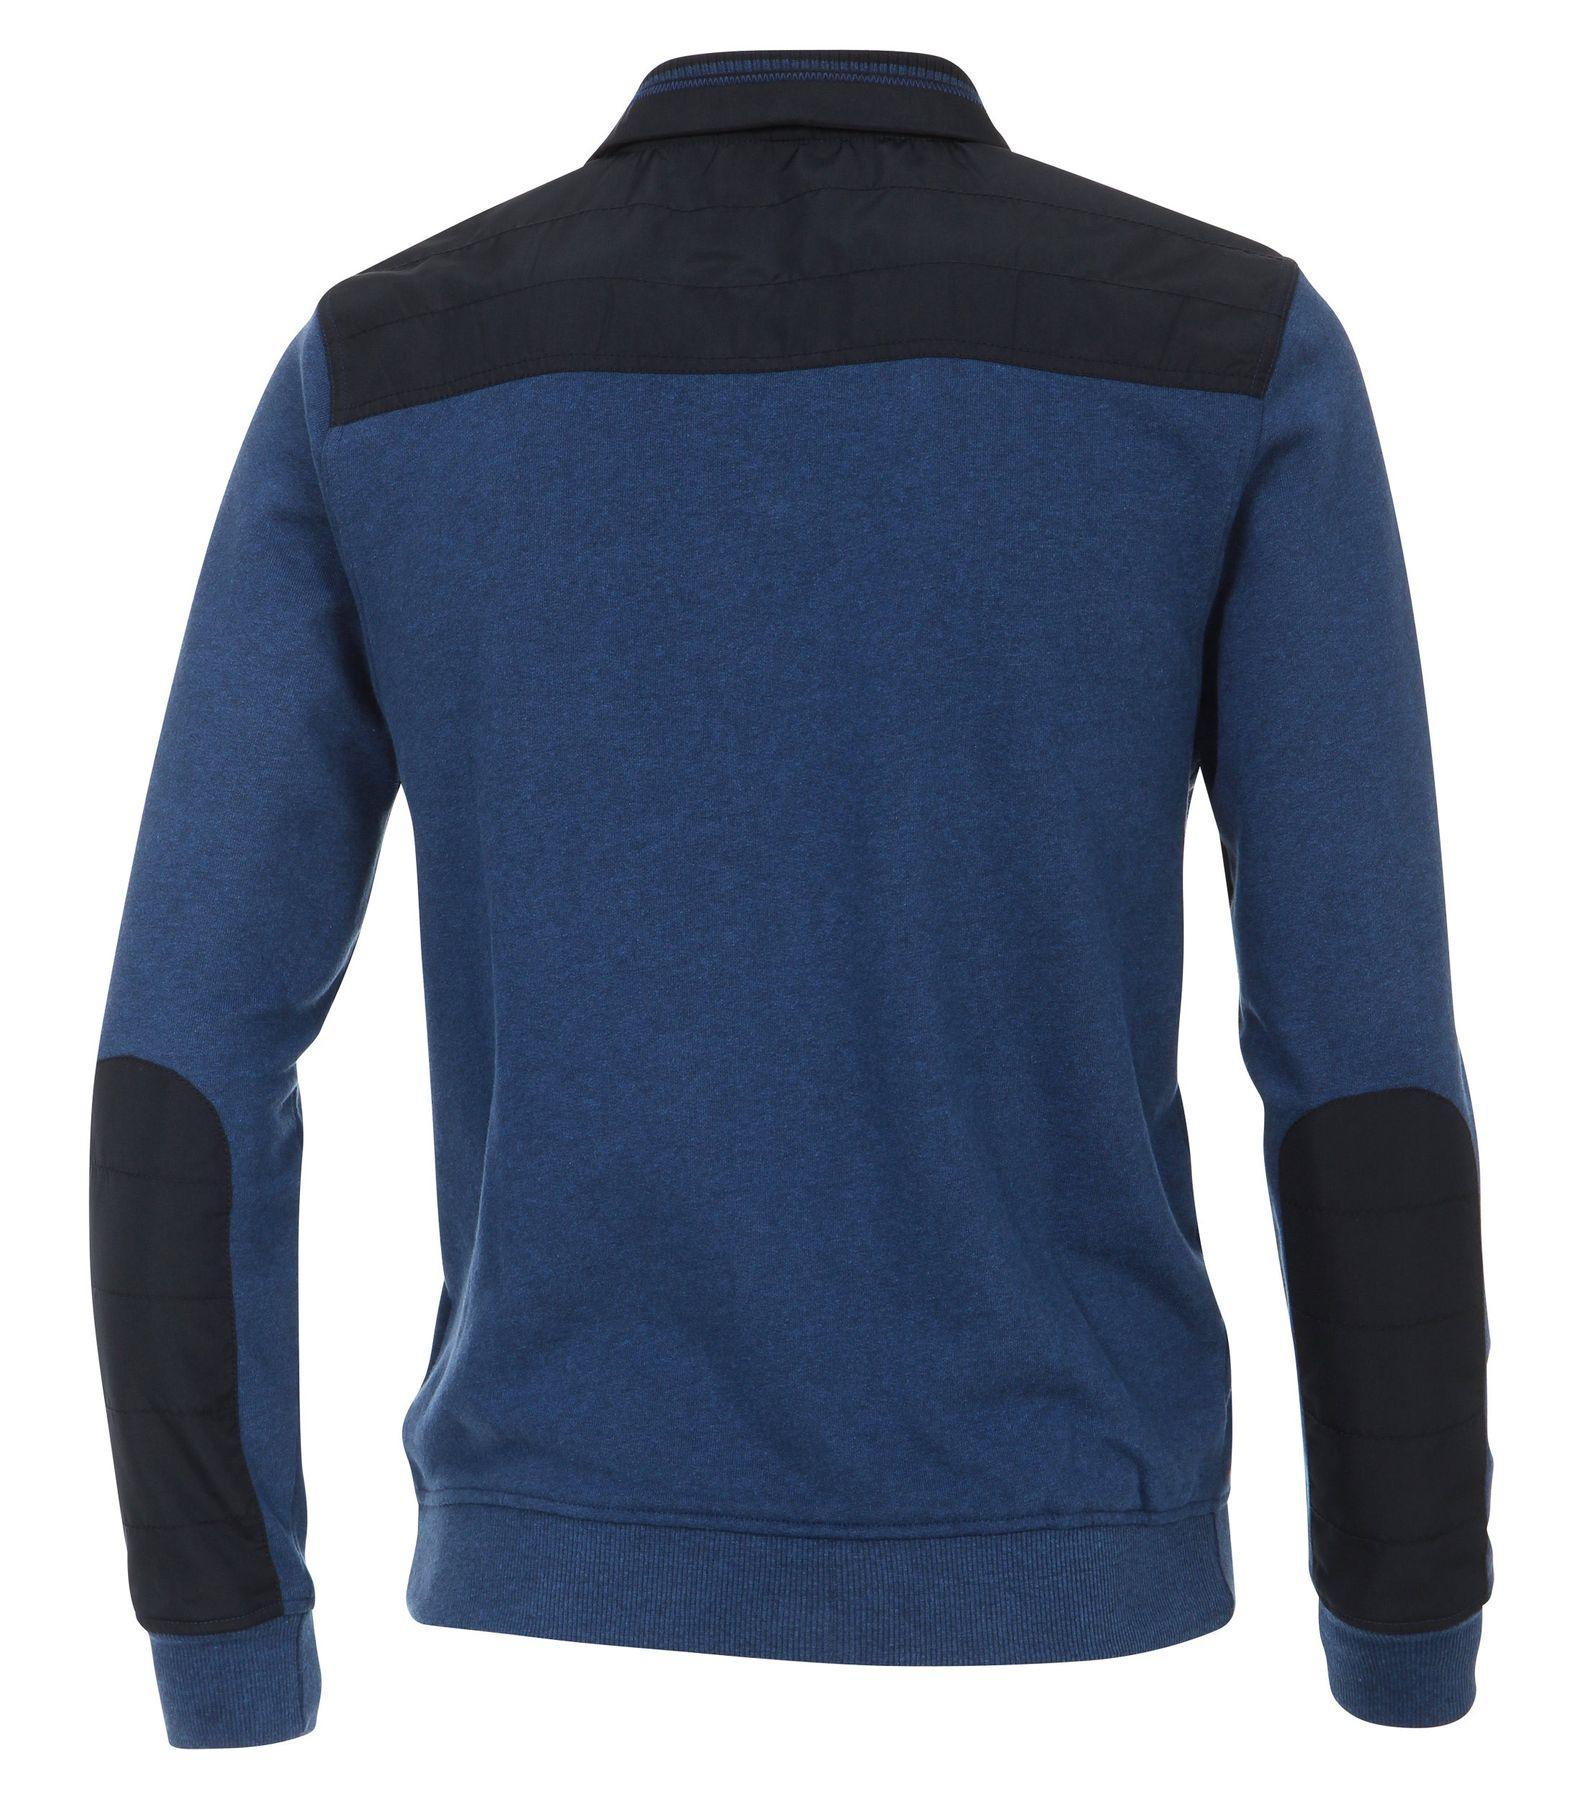 Casa Moda - Herren Sweat-Troyer mit Stickerei auf der Brust in Blau (472780600A) – Bild 2